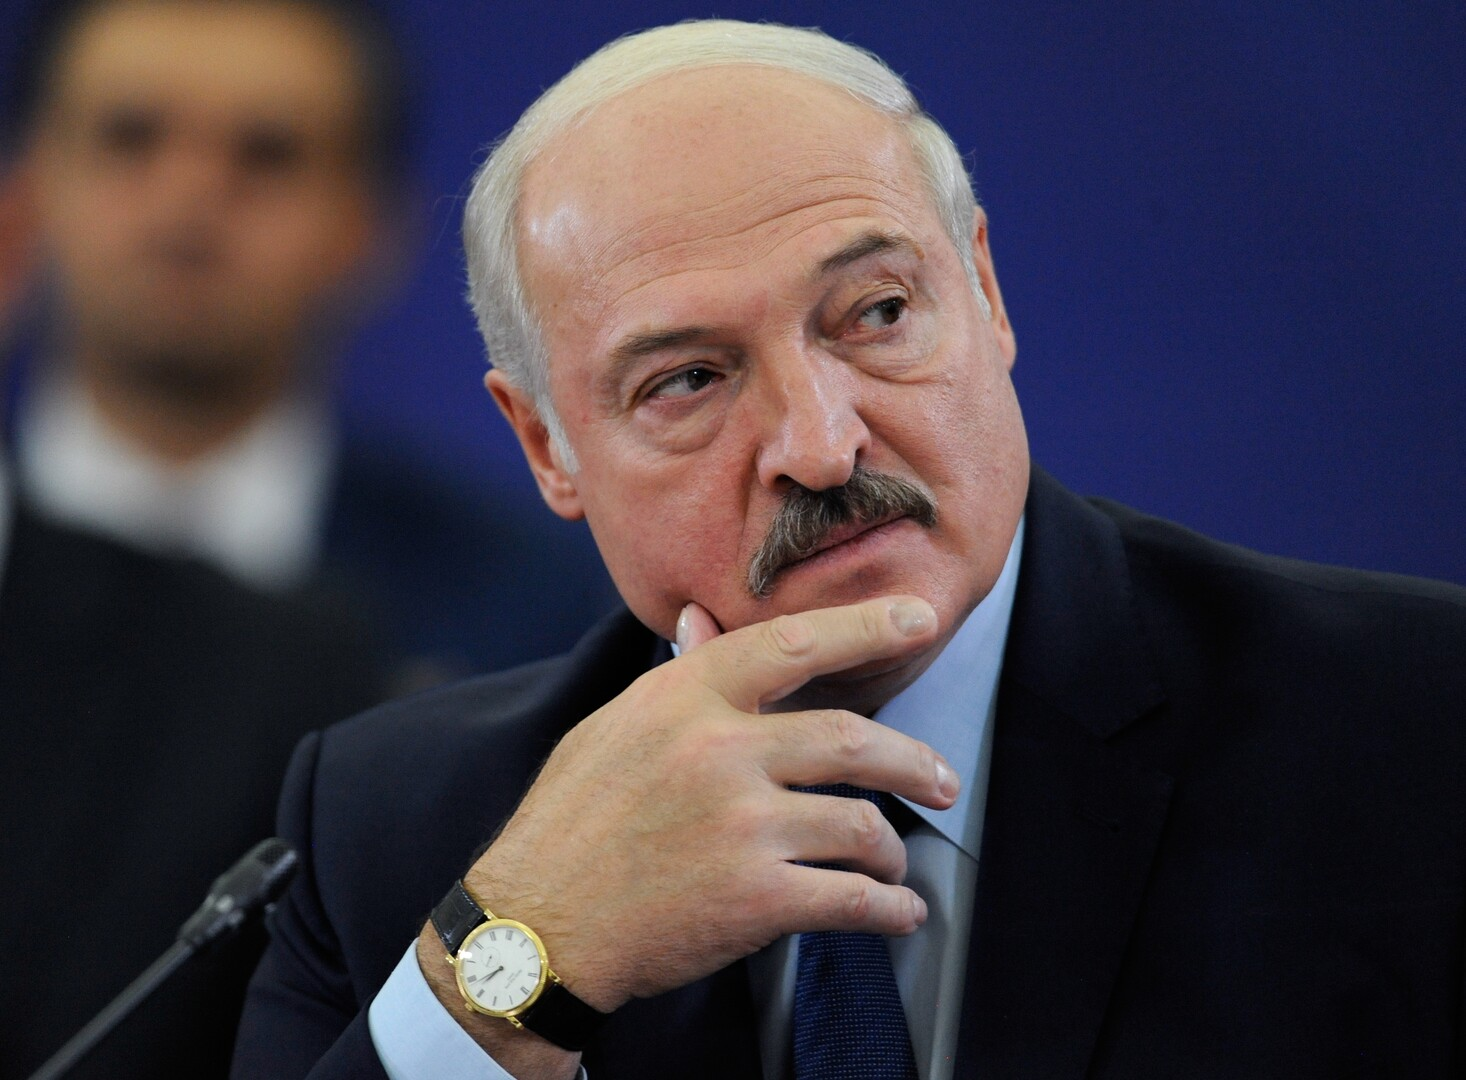 رئيس بيلاروسيا: عاقبت ابني البكر فاستقام الأوسط والأصغر!